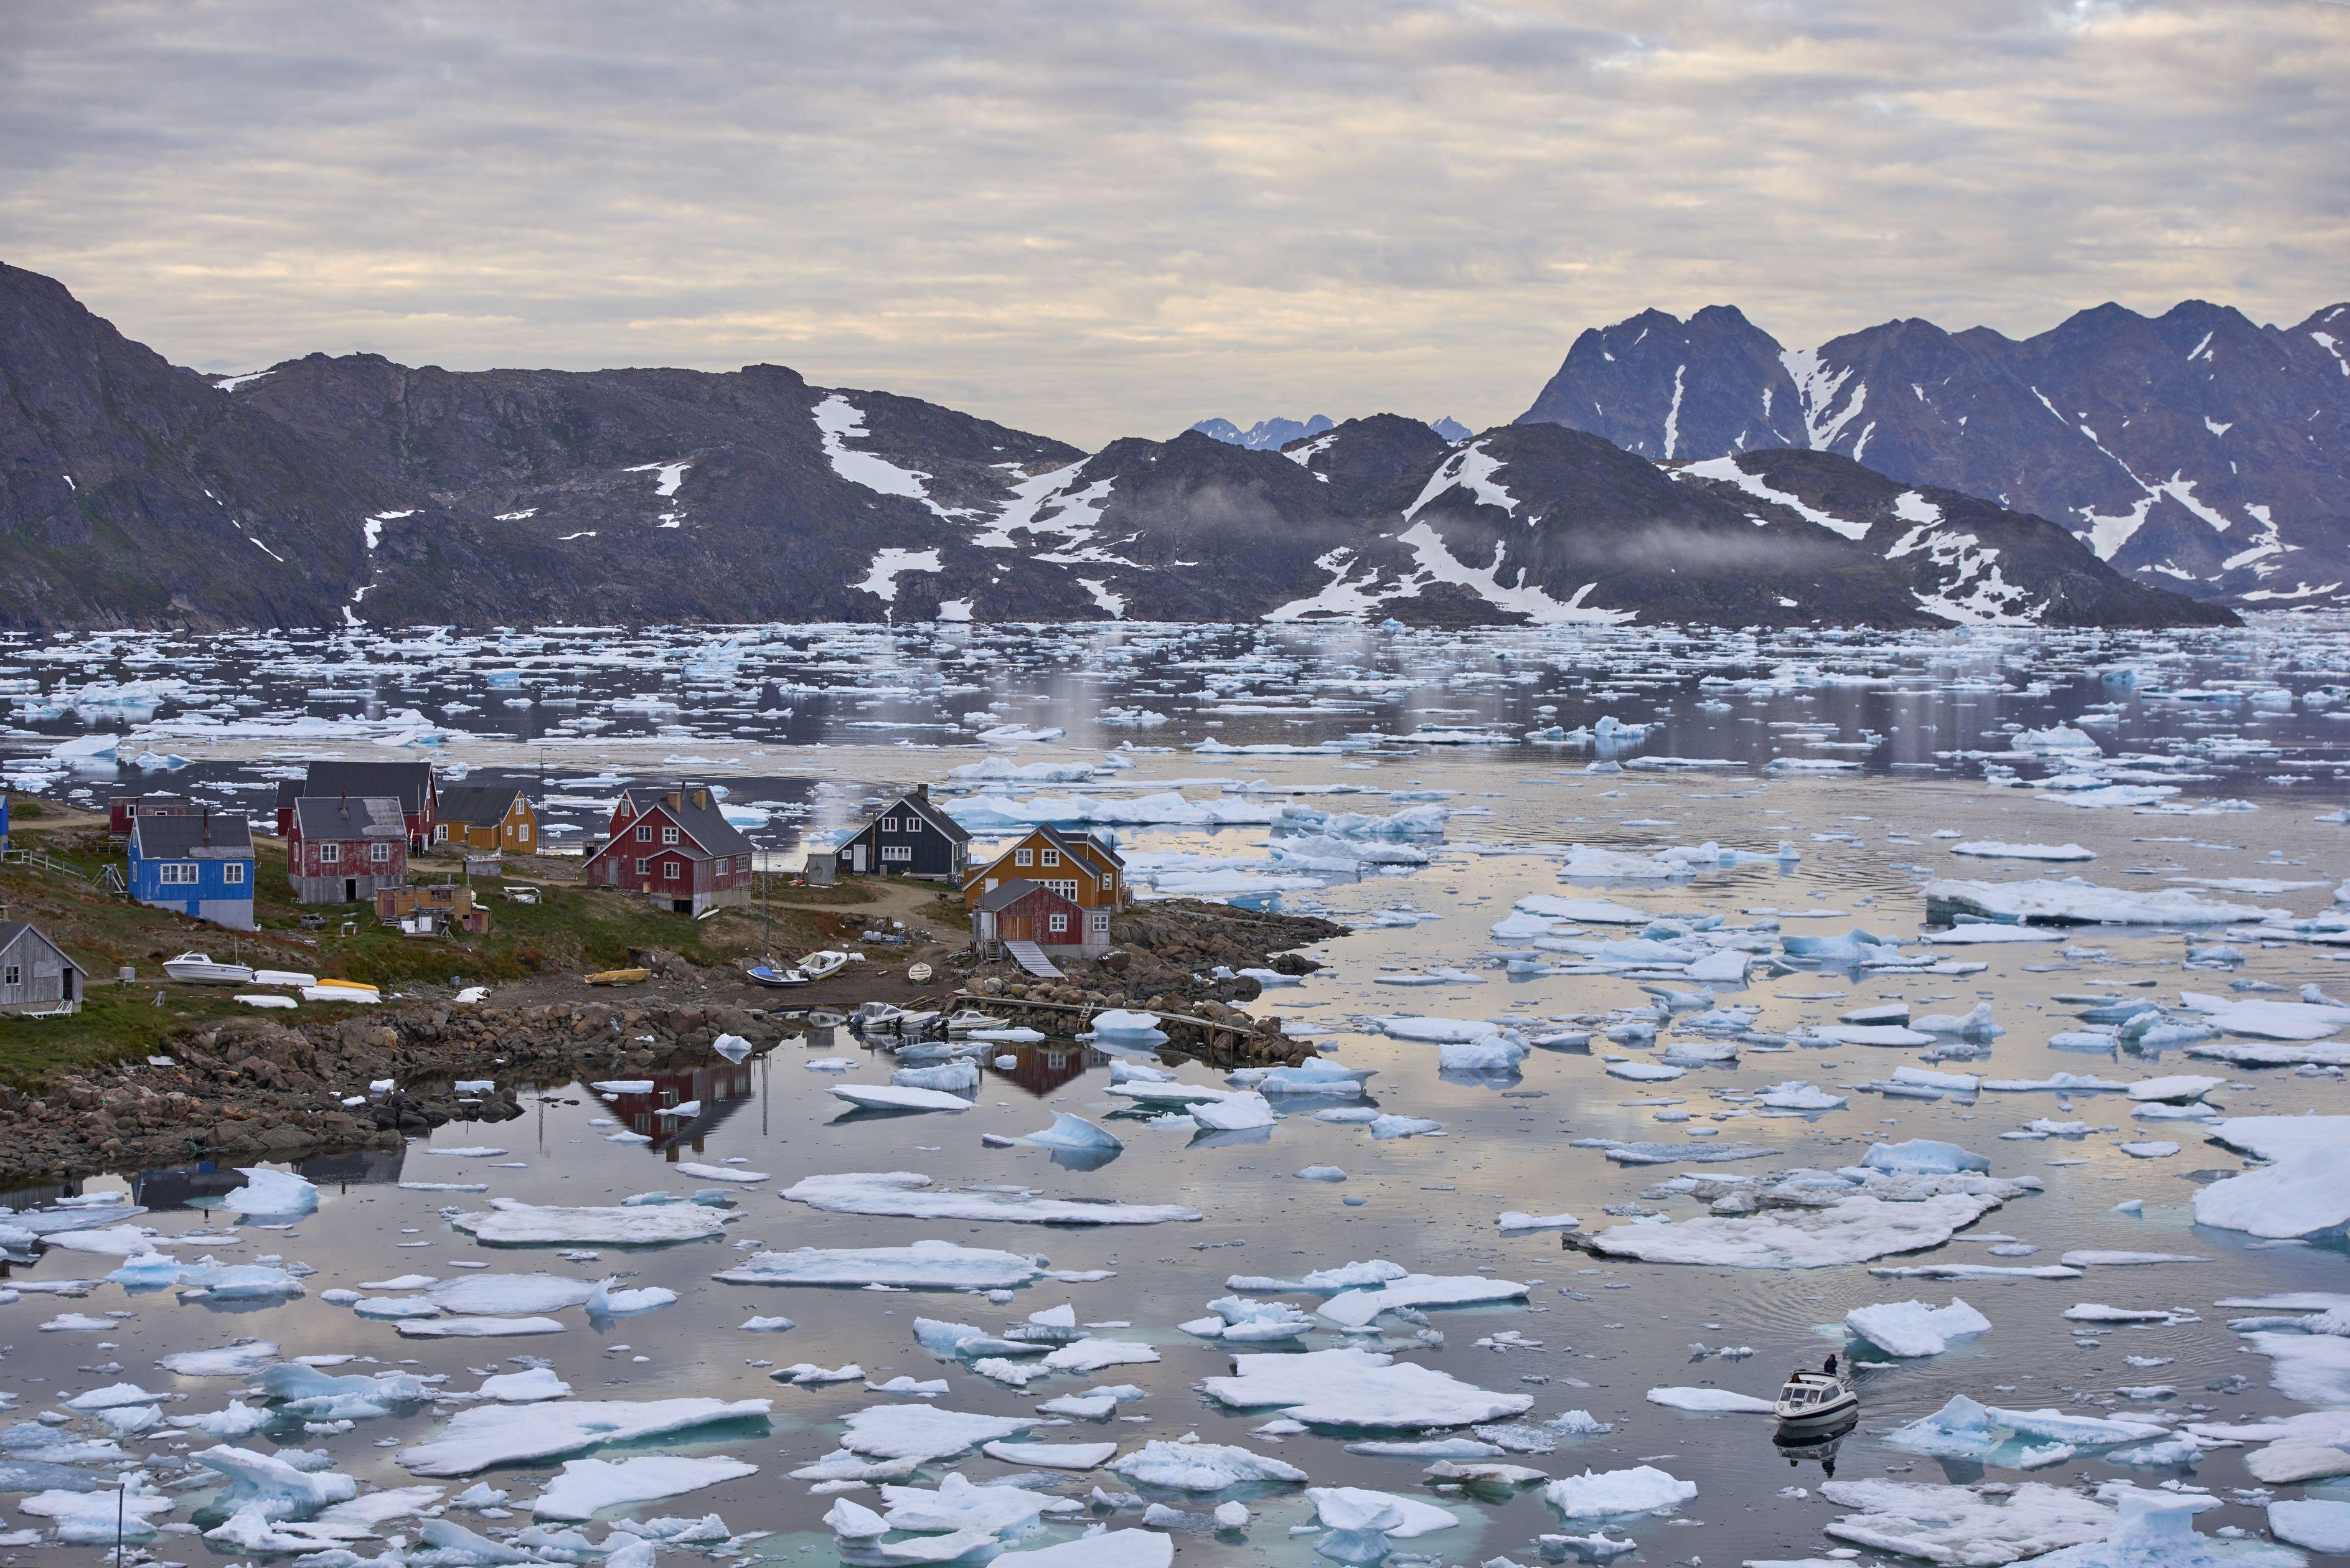 Egyetlen nap alatt annyi jég olvadt el Grönlandon, hogy több mint másfélszer lephetné el Magyarország területét